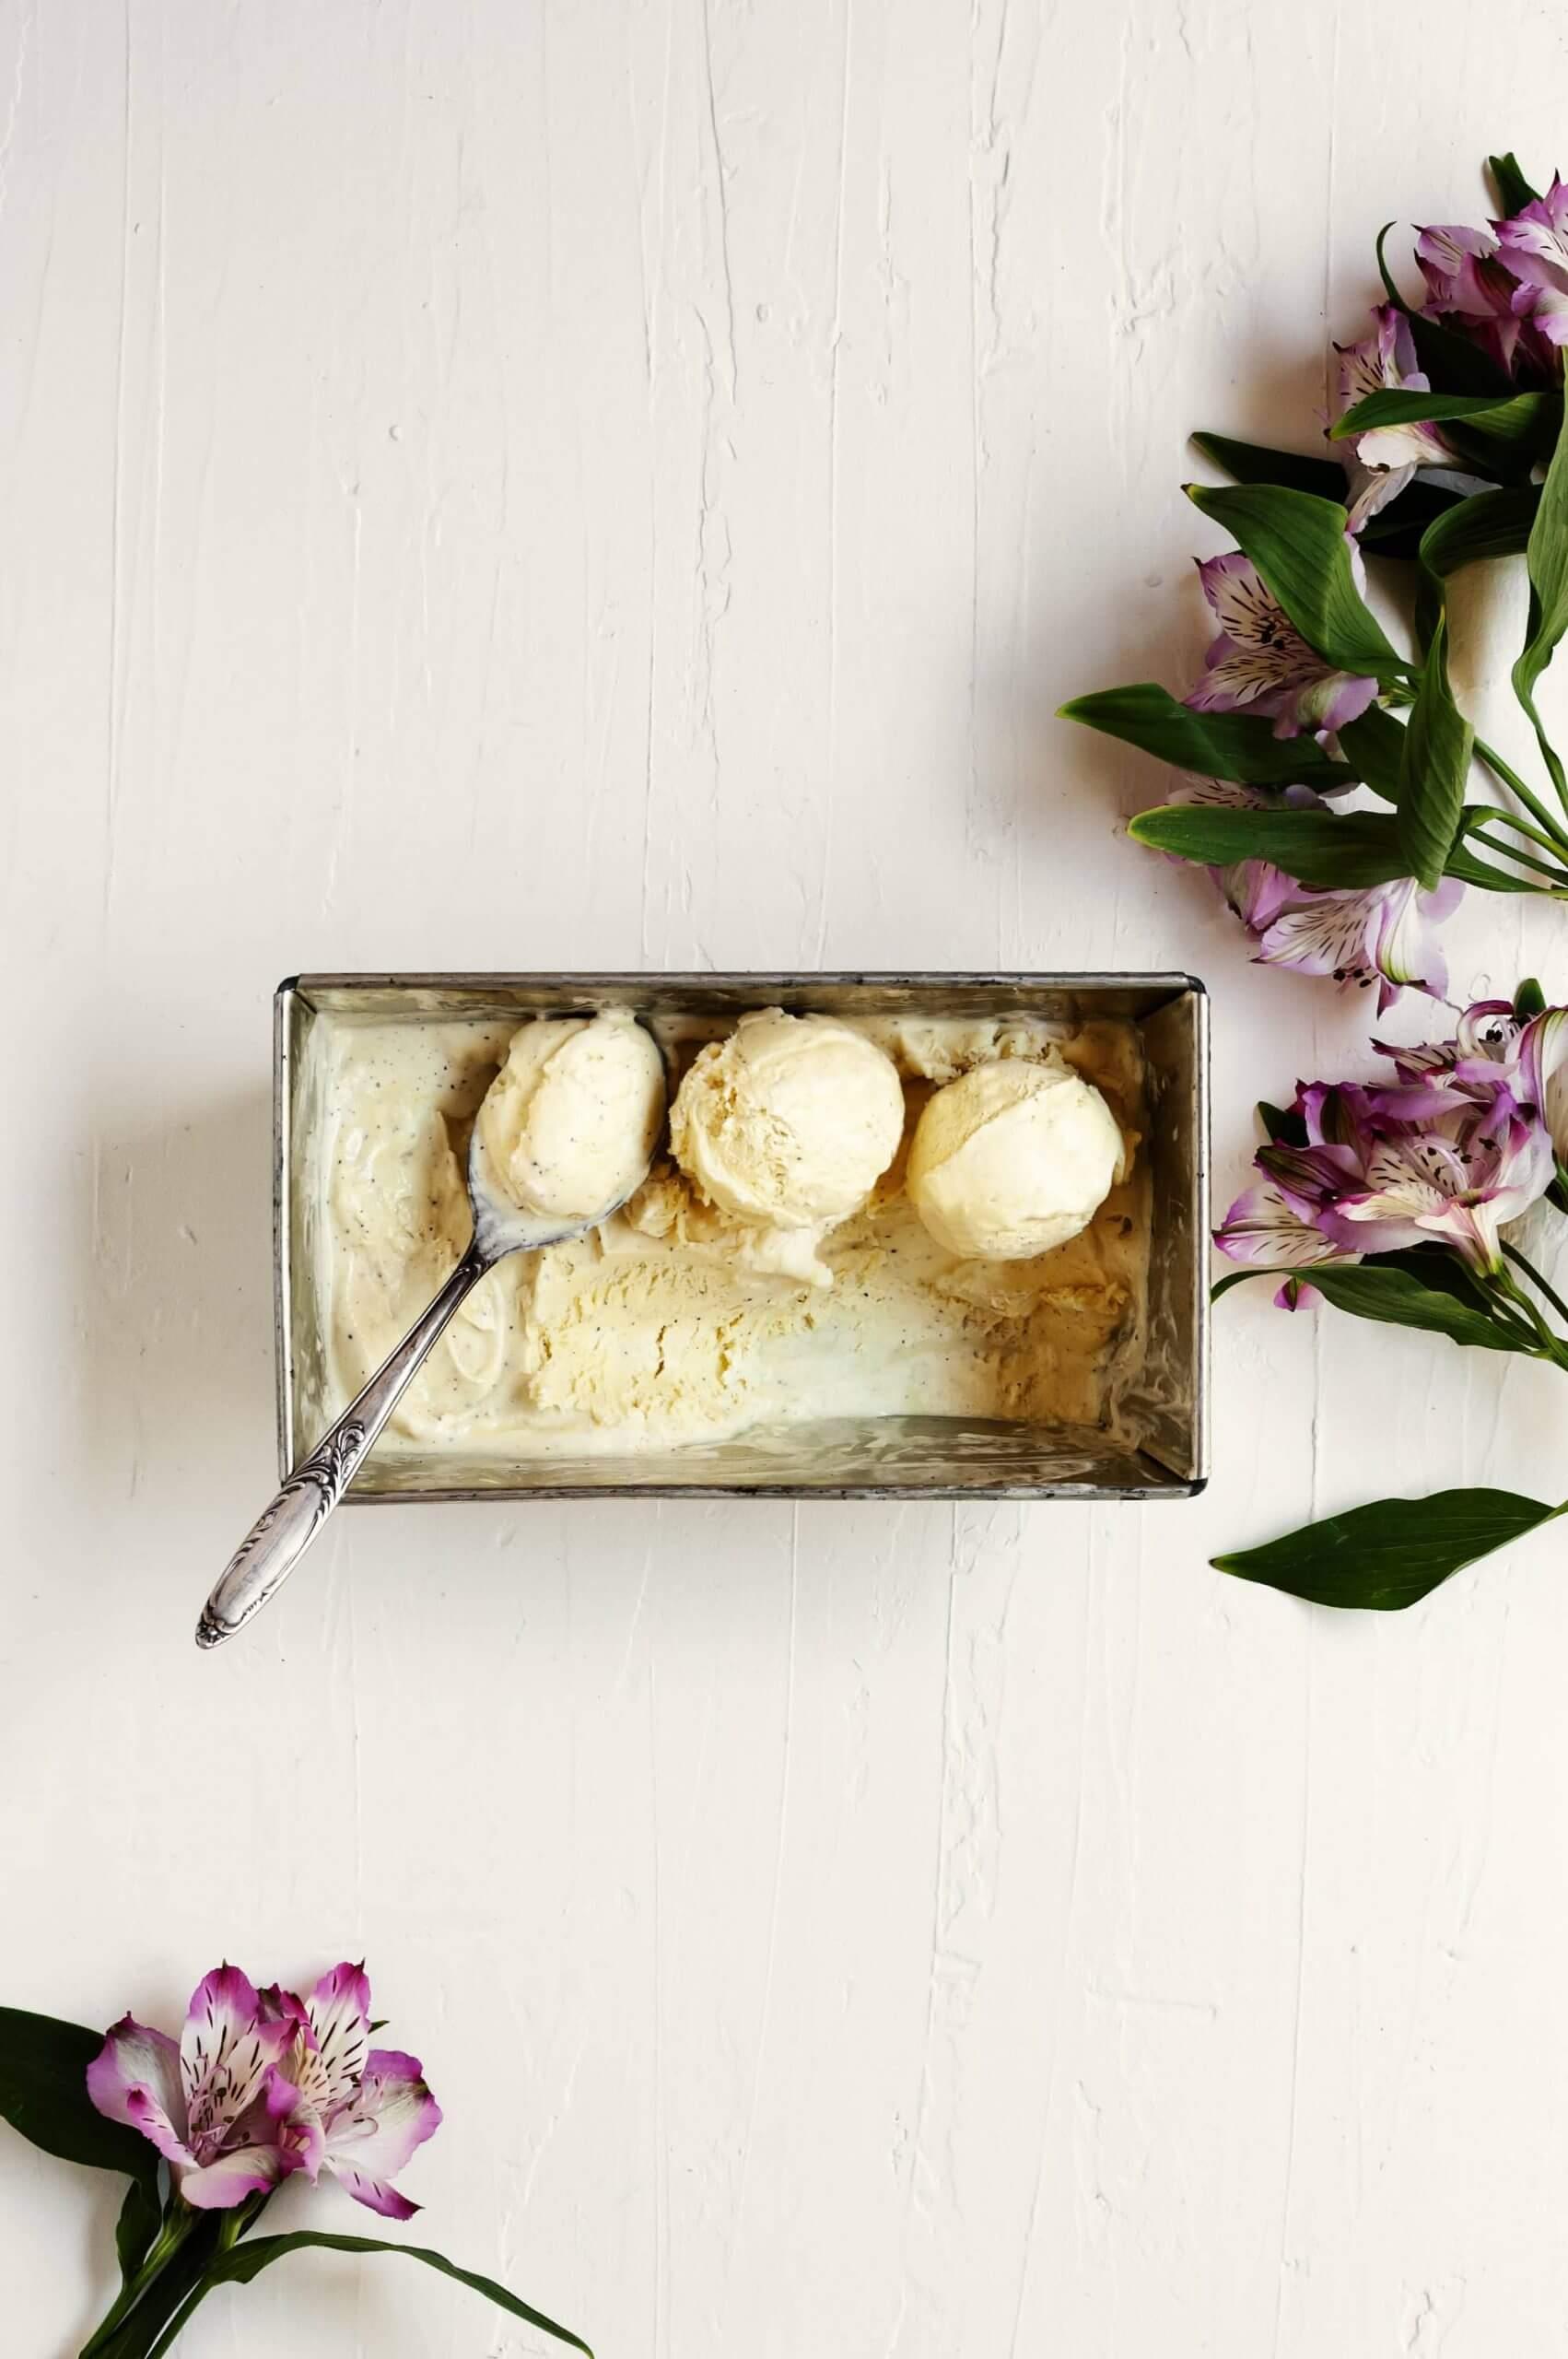 como hacer helado de vainilla